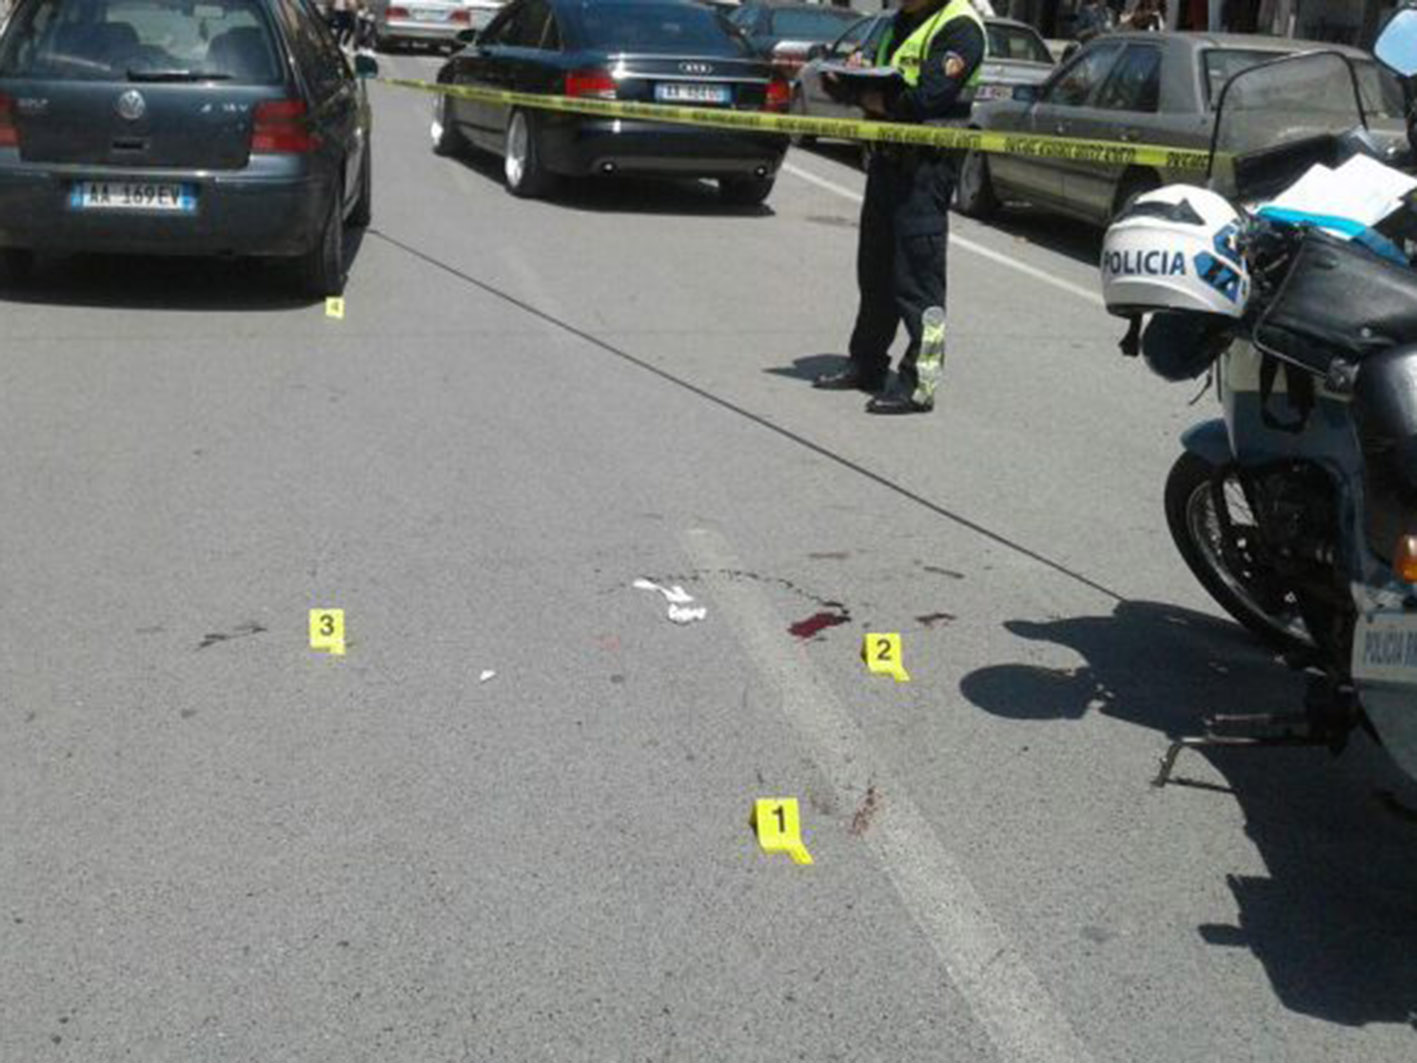 Aksident me vdekje në Tiranë, kamioni përplas biçikletën e i merr jetën qytetarit